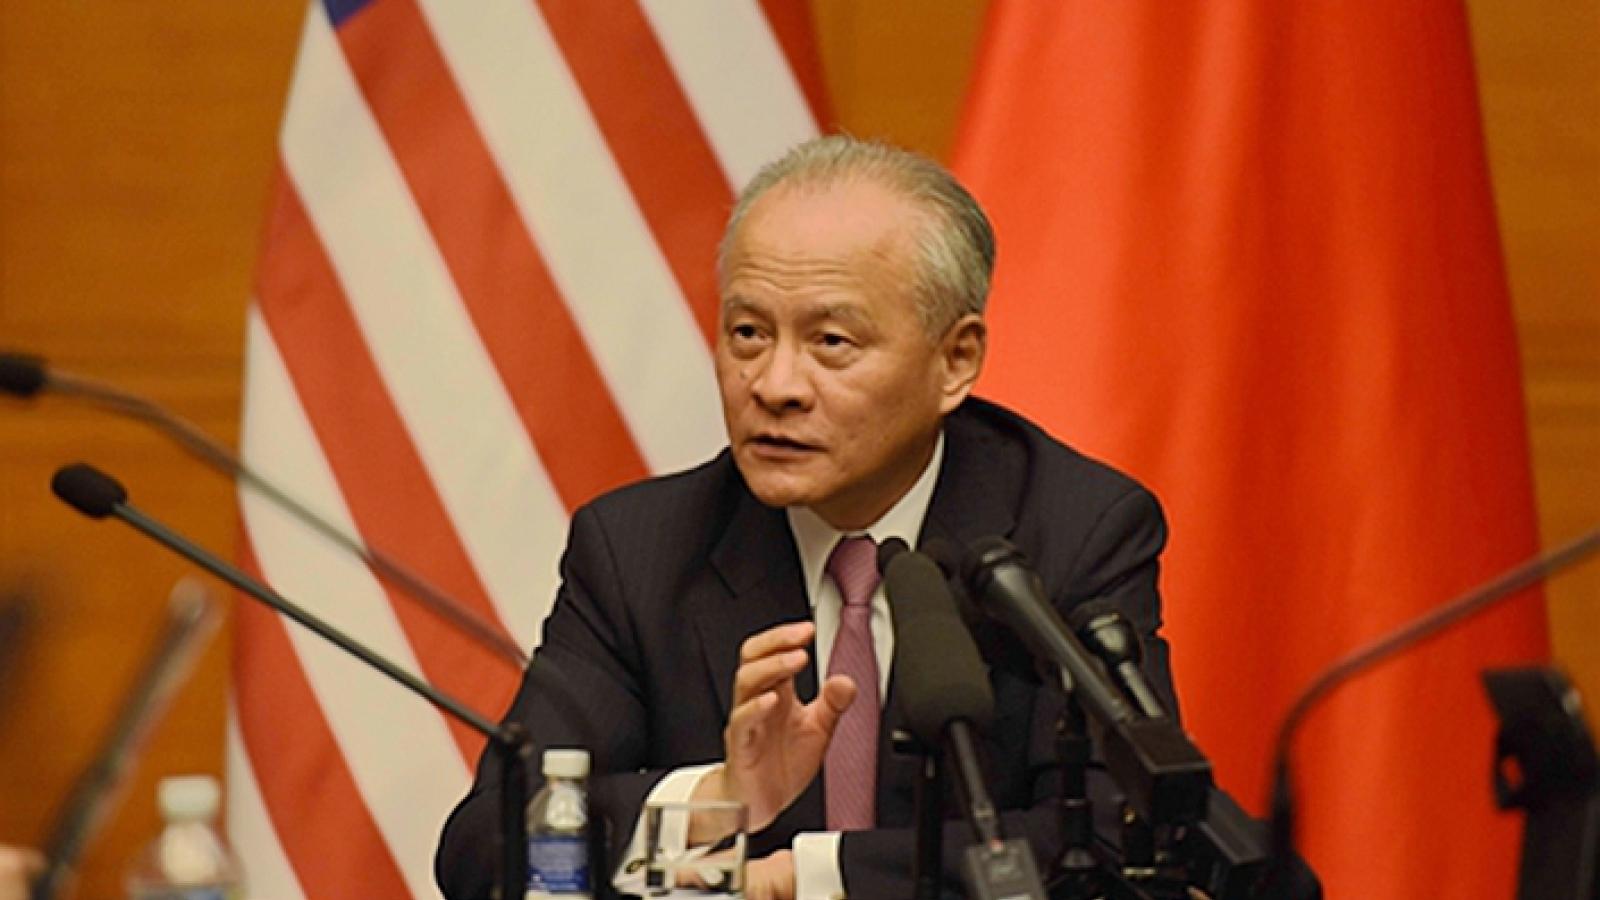 Trung Quốc mong muốn hợp tác với chính quyền mới tại Mỹ